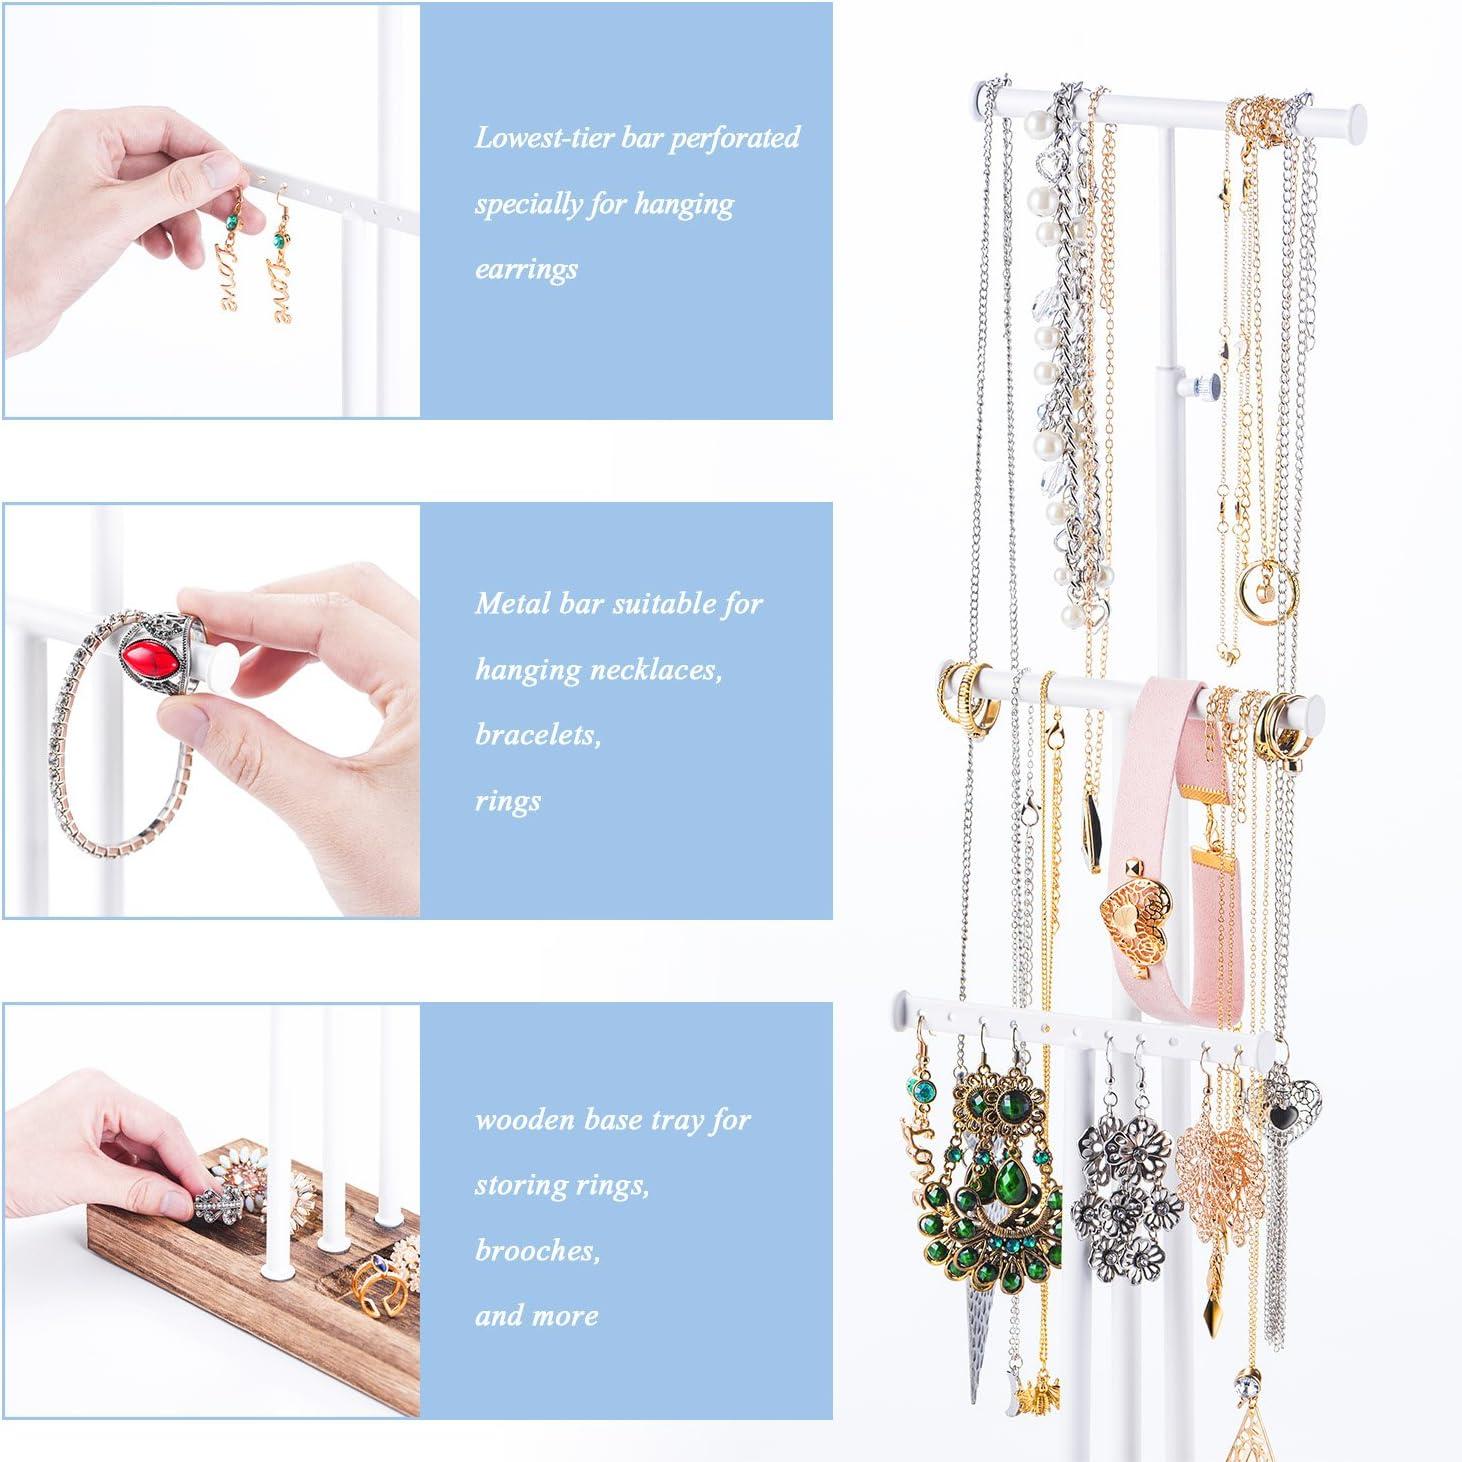 Une Hauteur r/églable pour Colliers Bracelets et Boucles doreilles en M/étal et Bois Belle D/écoration Love-KANKEI Pr/ésentoir de Bijoux Arbre /à BijouxAvec 3 Barres